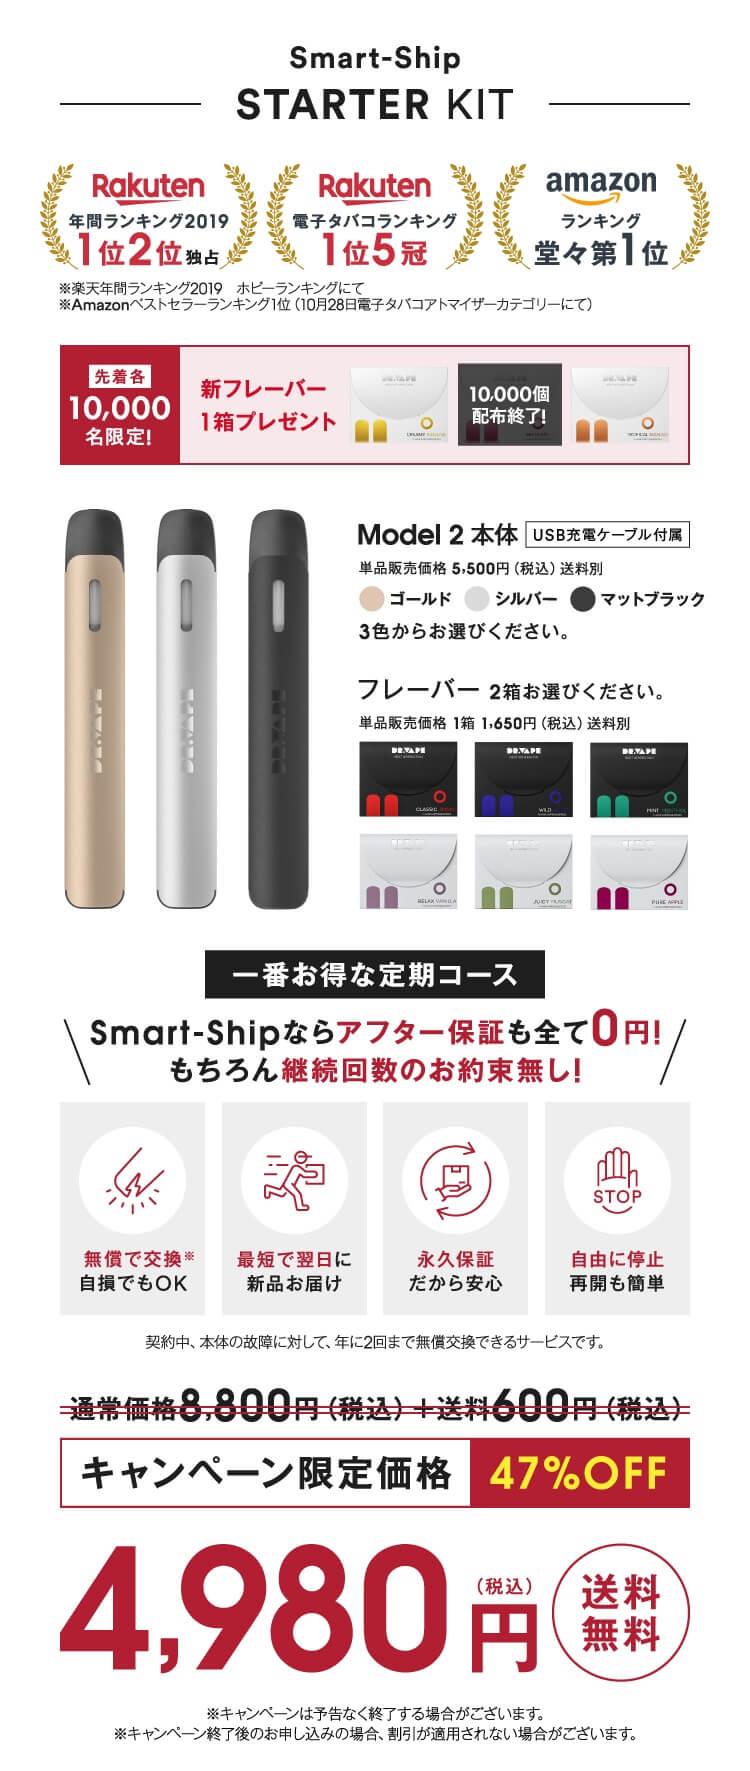 STARTERKIT 新発売キャンペーン!4,980円(税込)